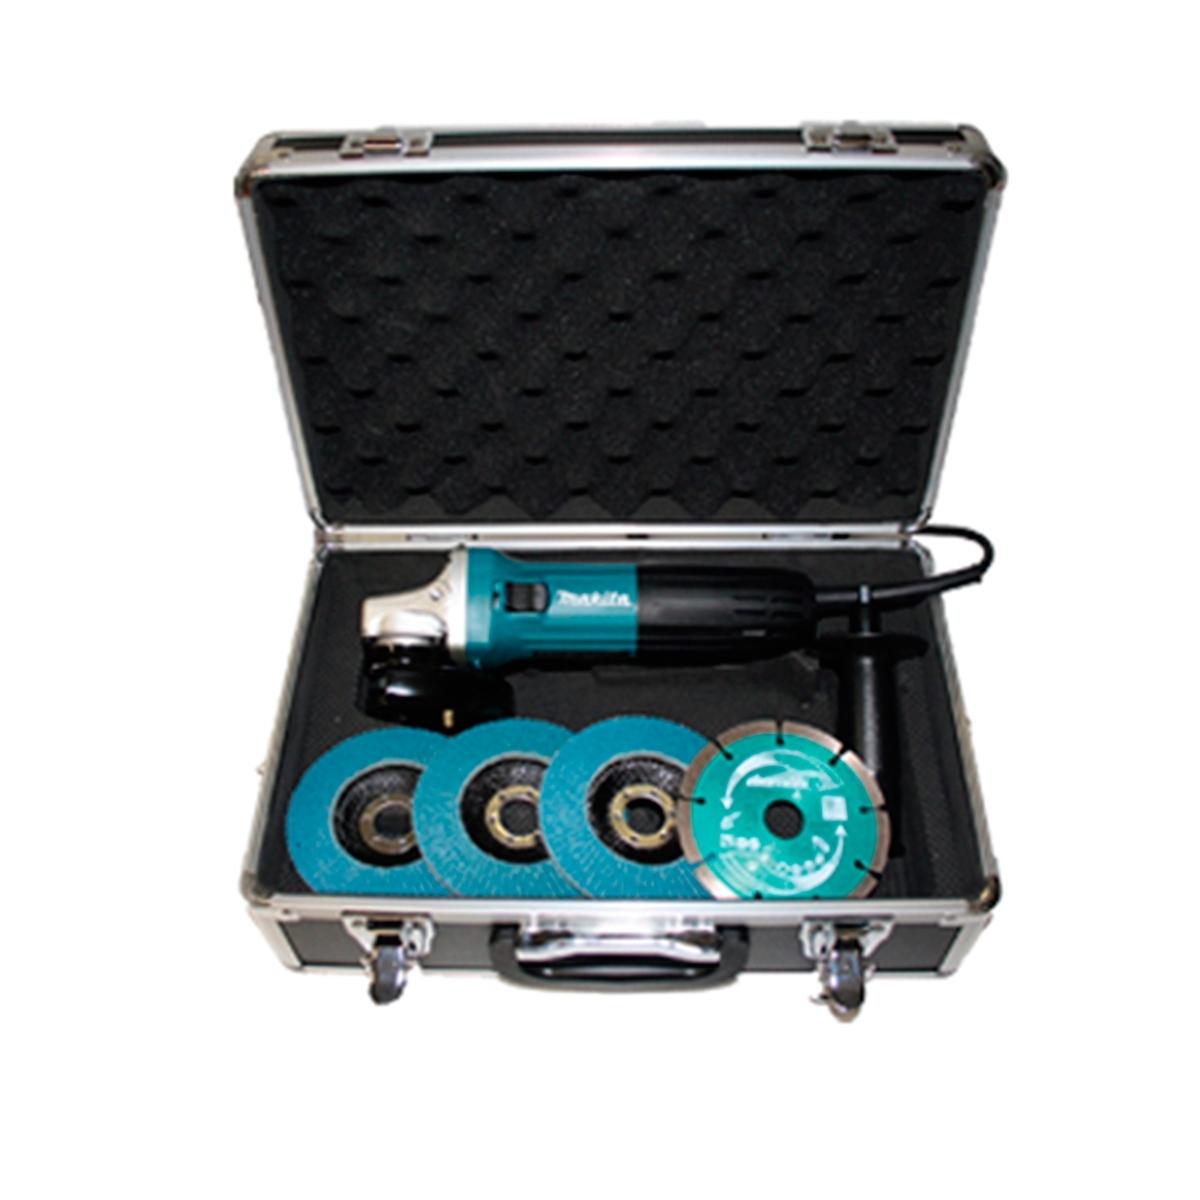 boutique de salida cupón de descuento especial para zapato Amoladora Makita de 115 mm 720 W modelo GA4530X5 con accesorios -